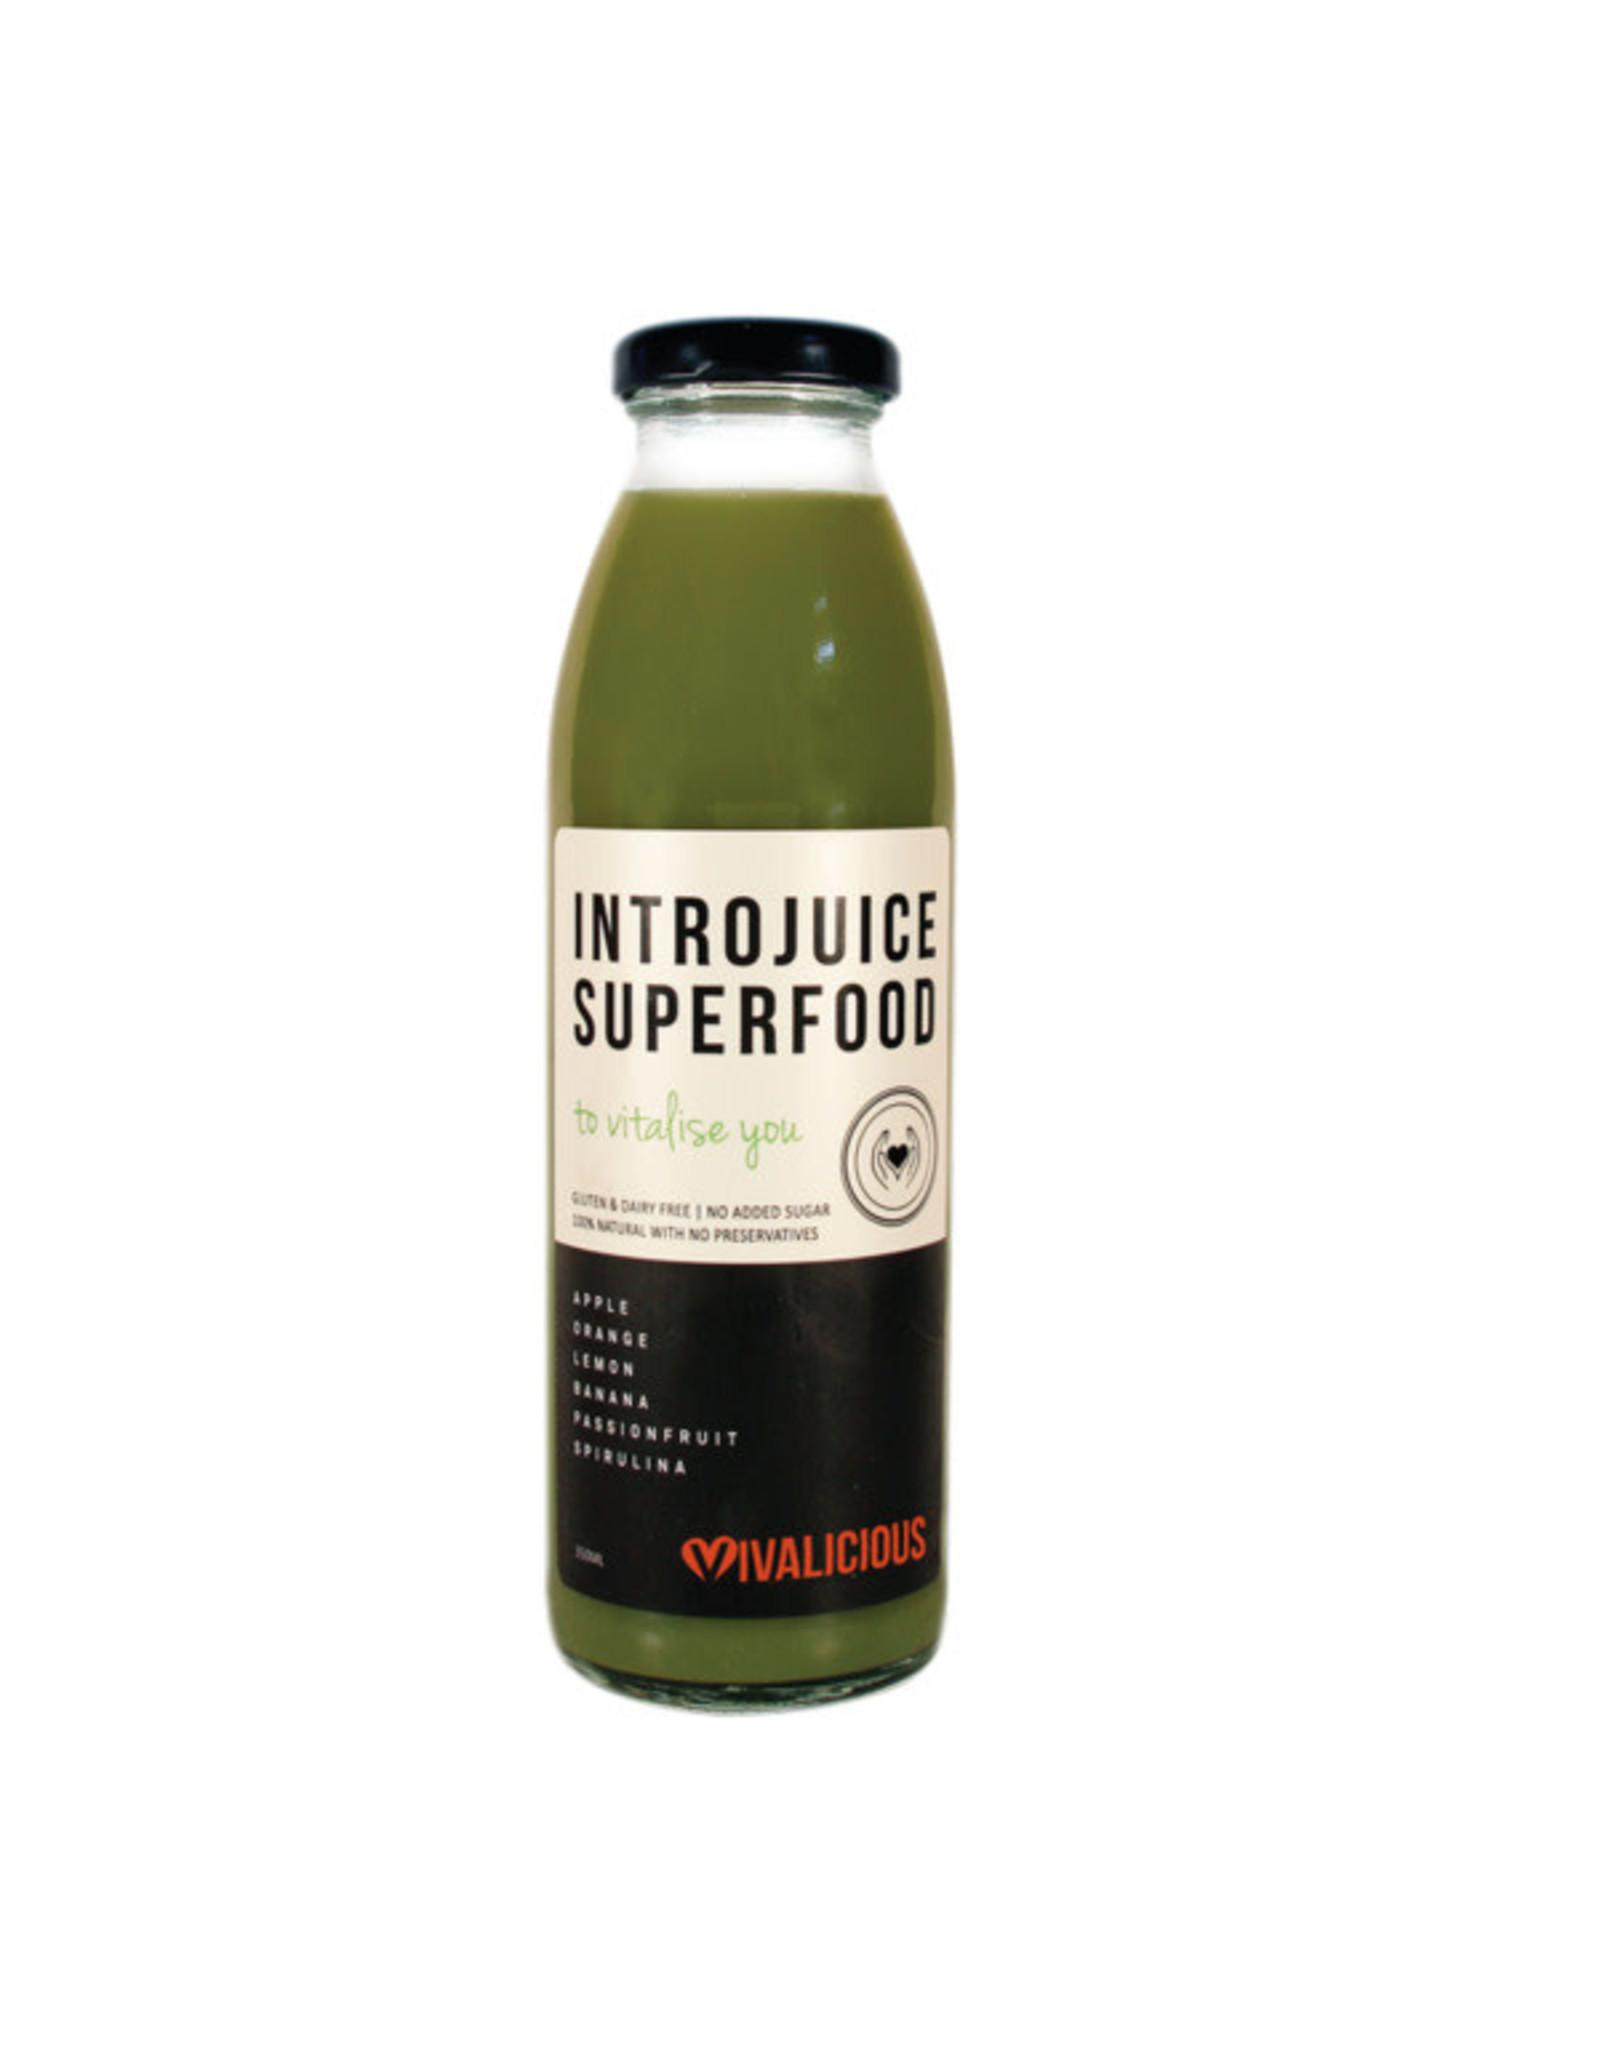 Vivalicious Introjuice Superfood - Vitalise - 350ml